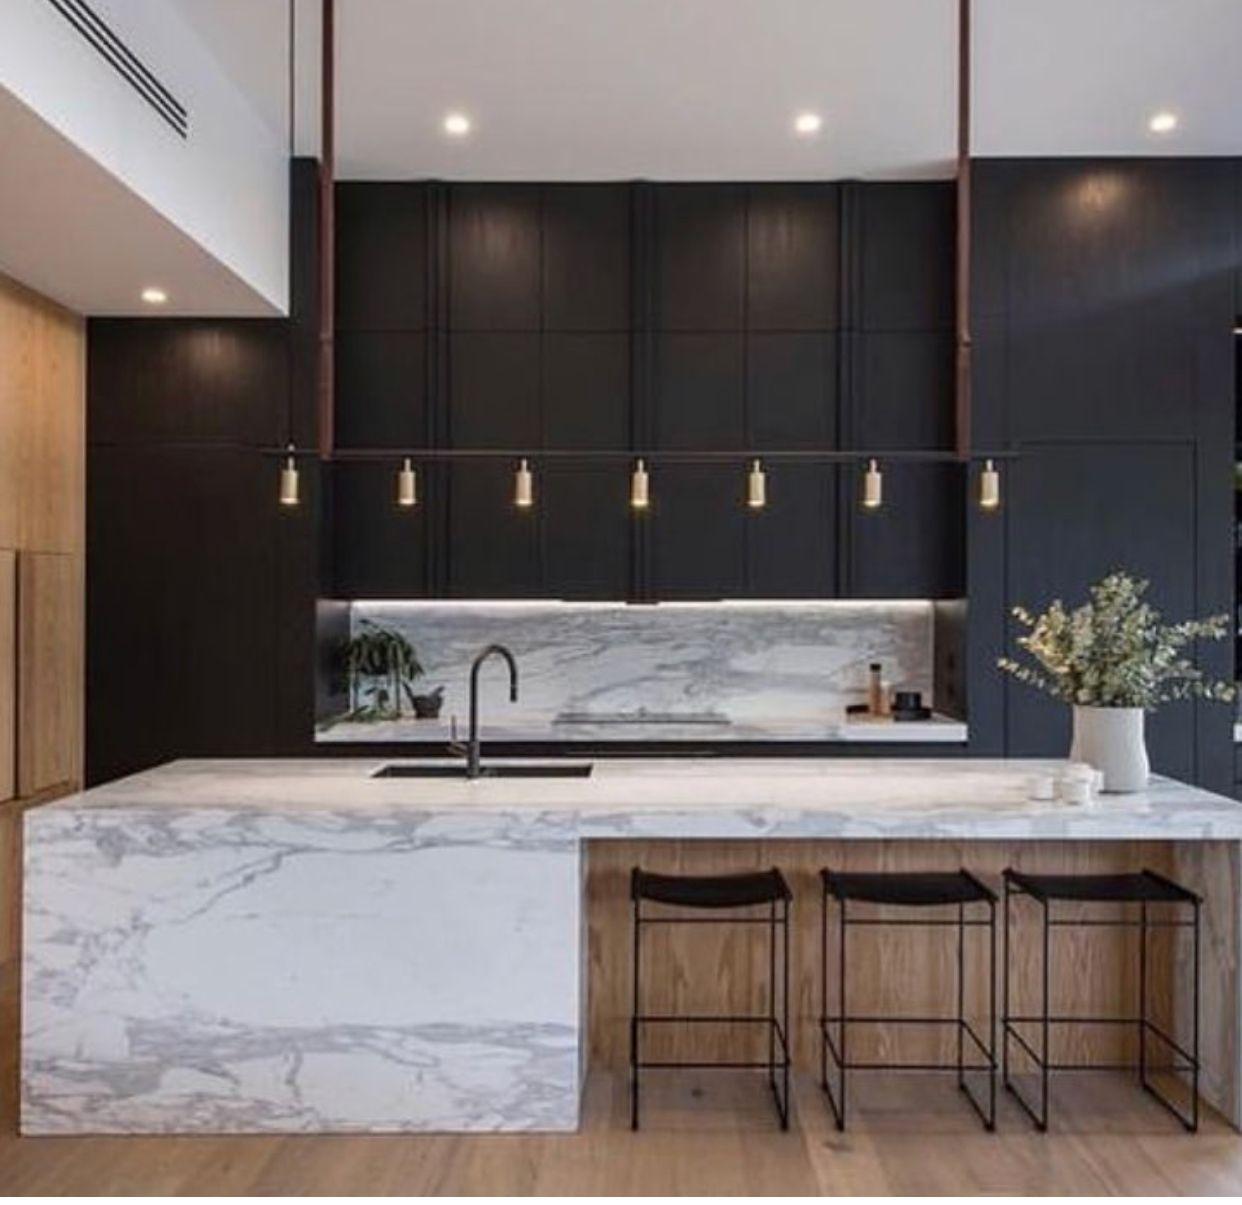 Pin By Olan Gil Batista On Small Kitchens Minimalist Kitchen Design Modern Kitchen Interiors Modern Kitchen Design